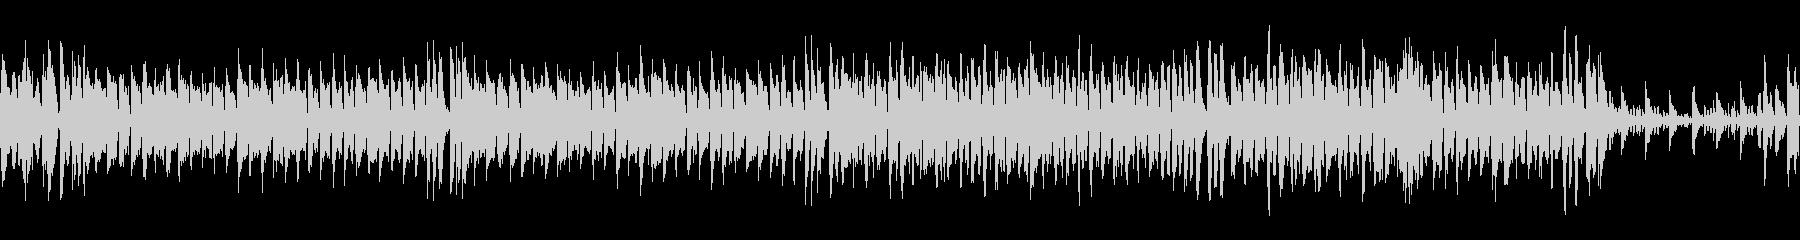 コミカルなアップテンポのBGMの未再生の波形